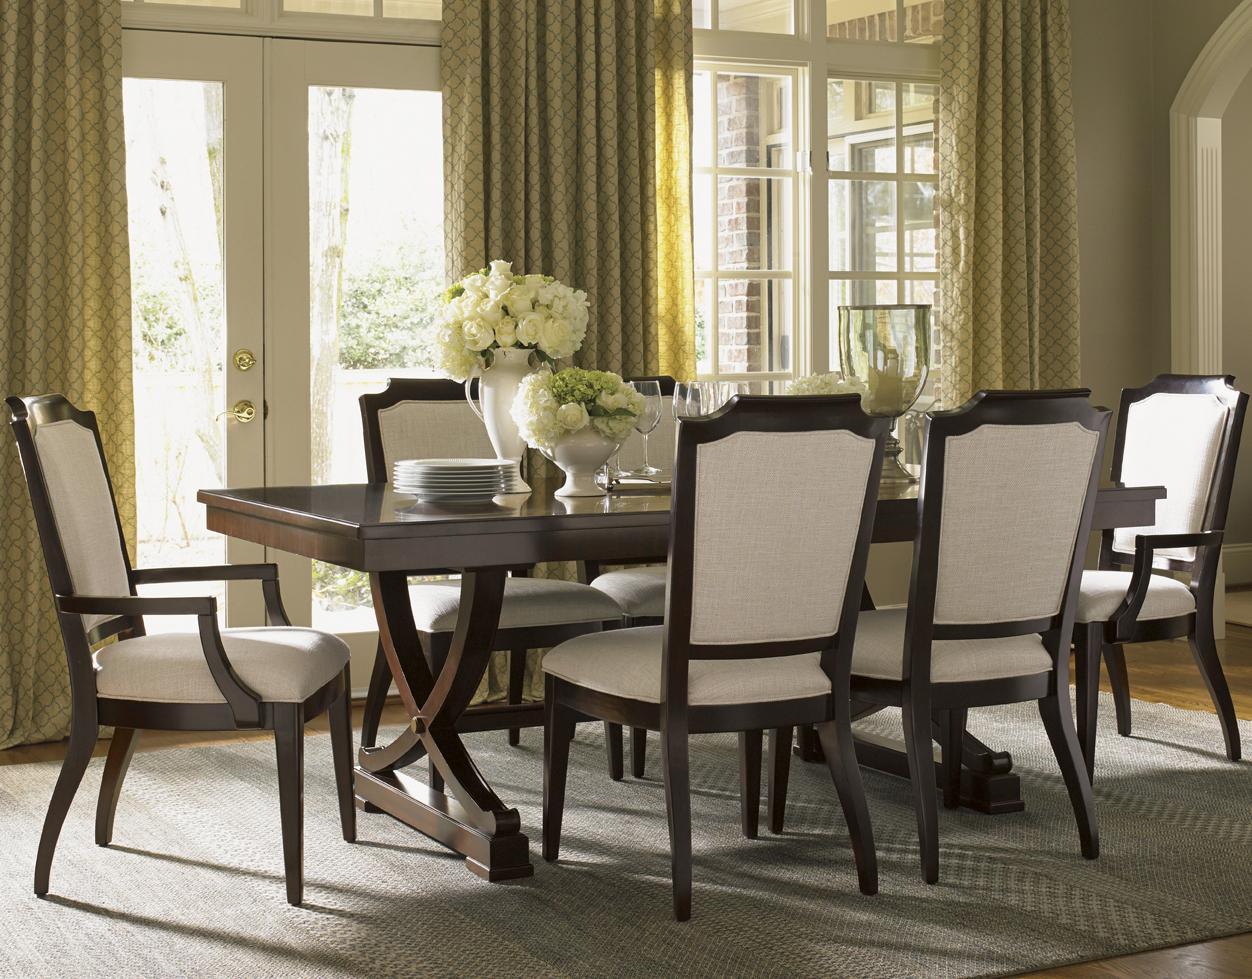 Lexington Kensington Place7 Pc Dining Set ...